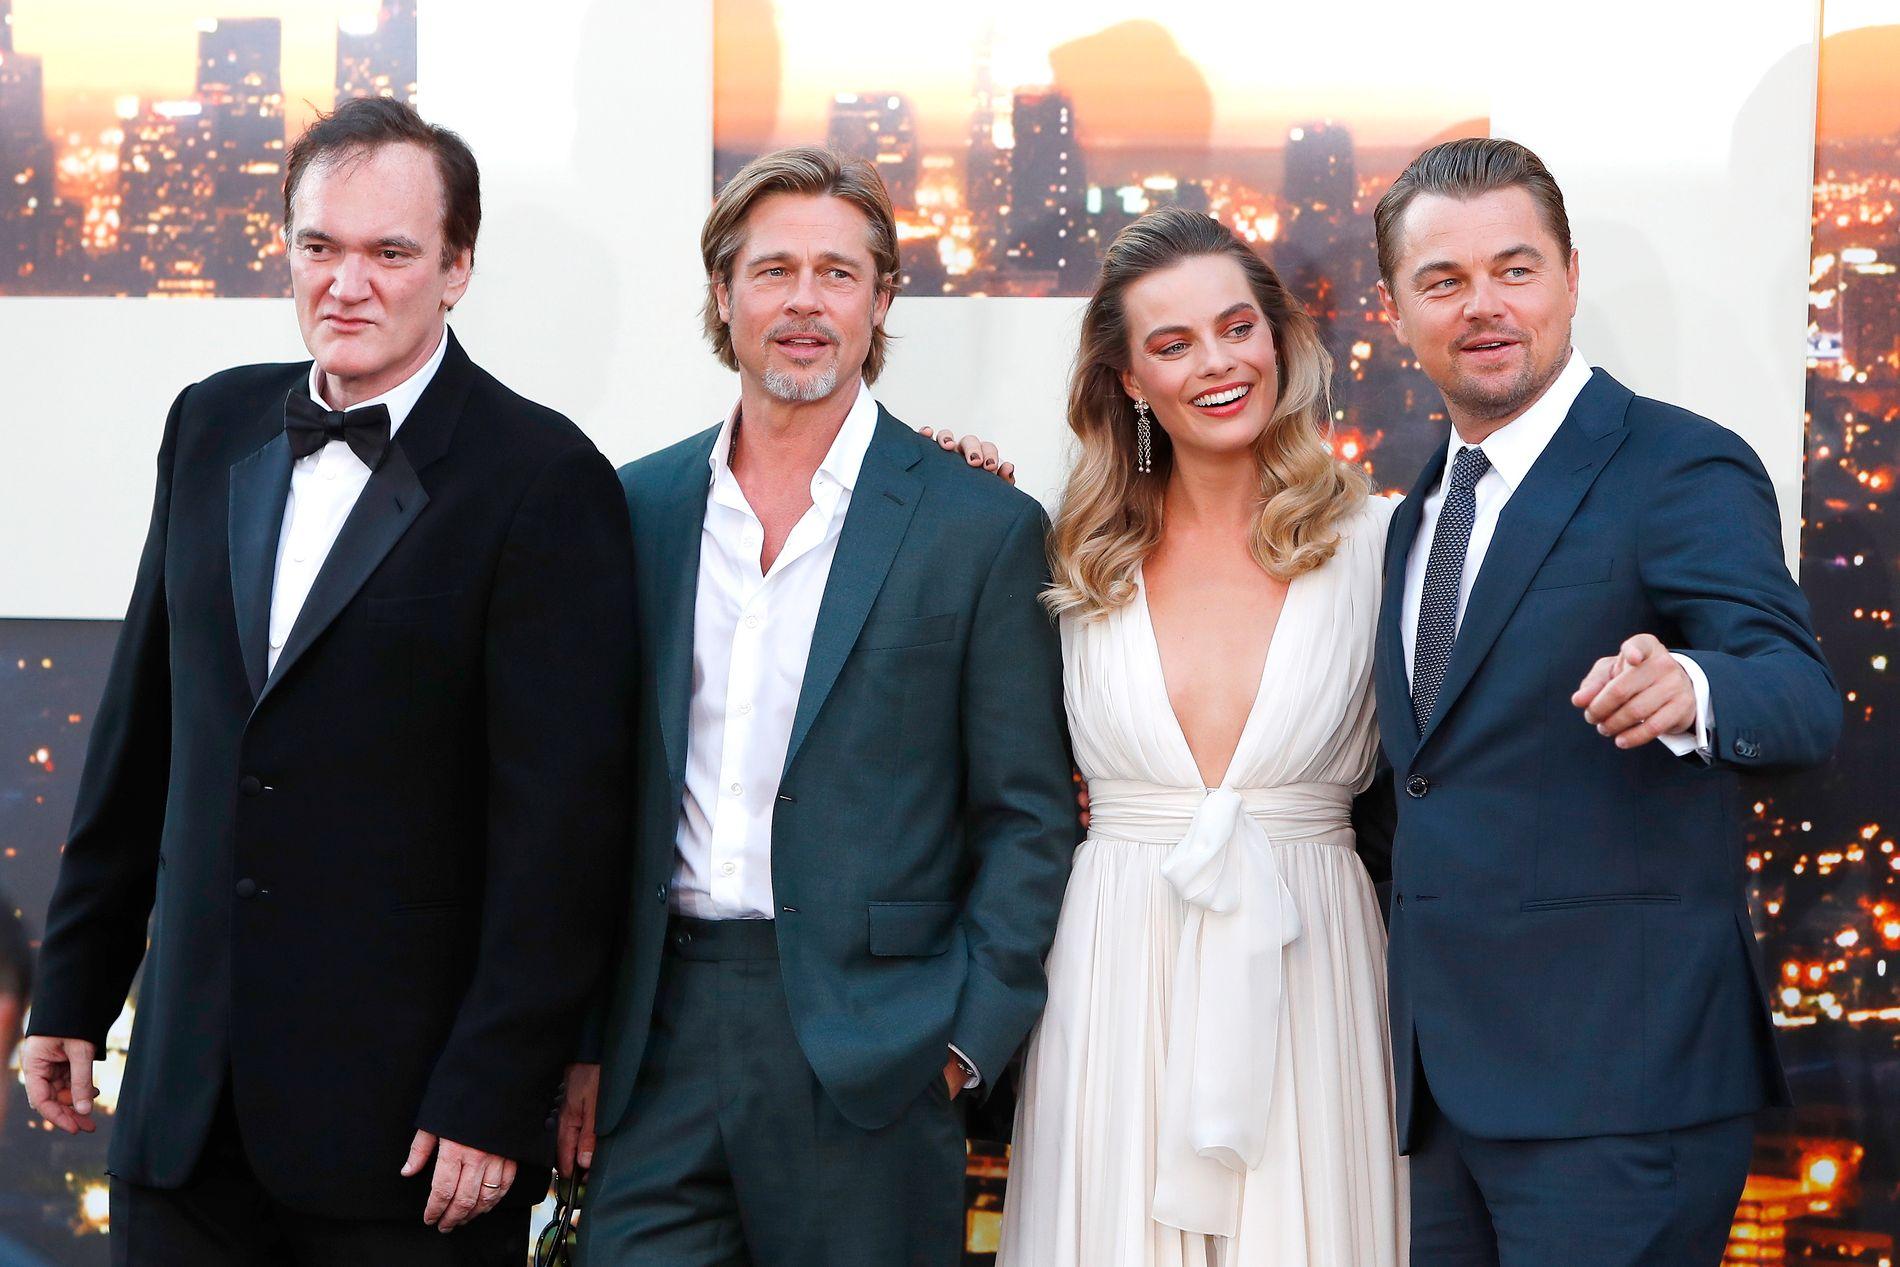 STJERNELAG: F.v.: Quentin Tarantino, Brad Pitt Margot Robbie og Leonardo DiCaprio på filmpremieren i Hollywood 22. juli.